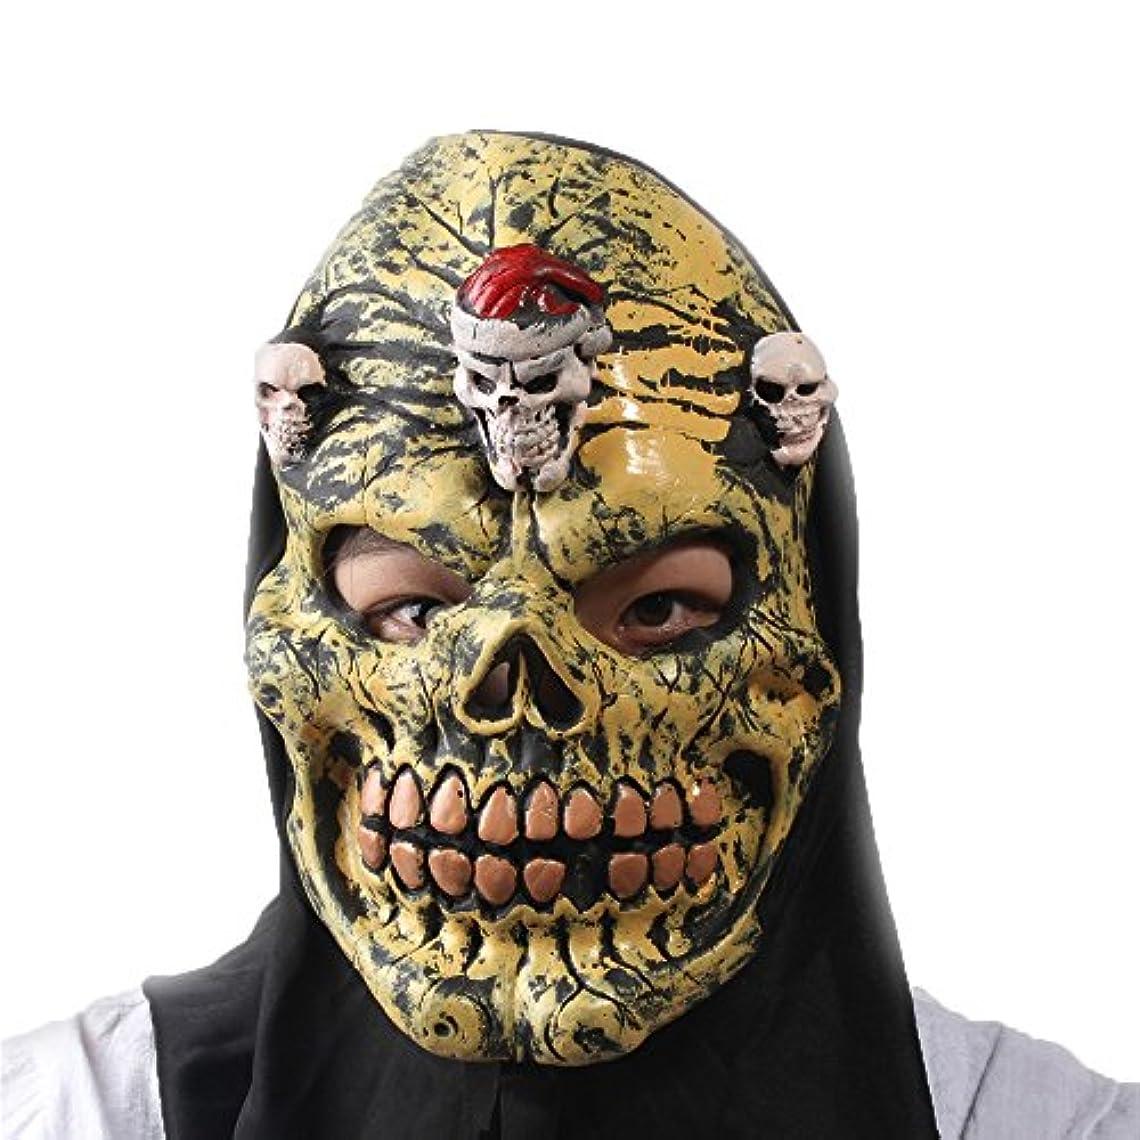 ボリューム運動マリナーハロウィンホラーウィッチマスク呪いゴーストマスク/太郎マスク/ブルネットゾンビマスク